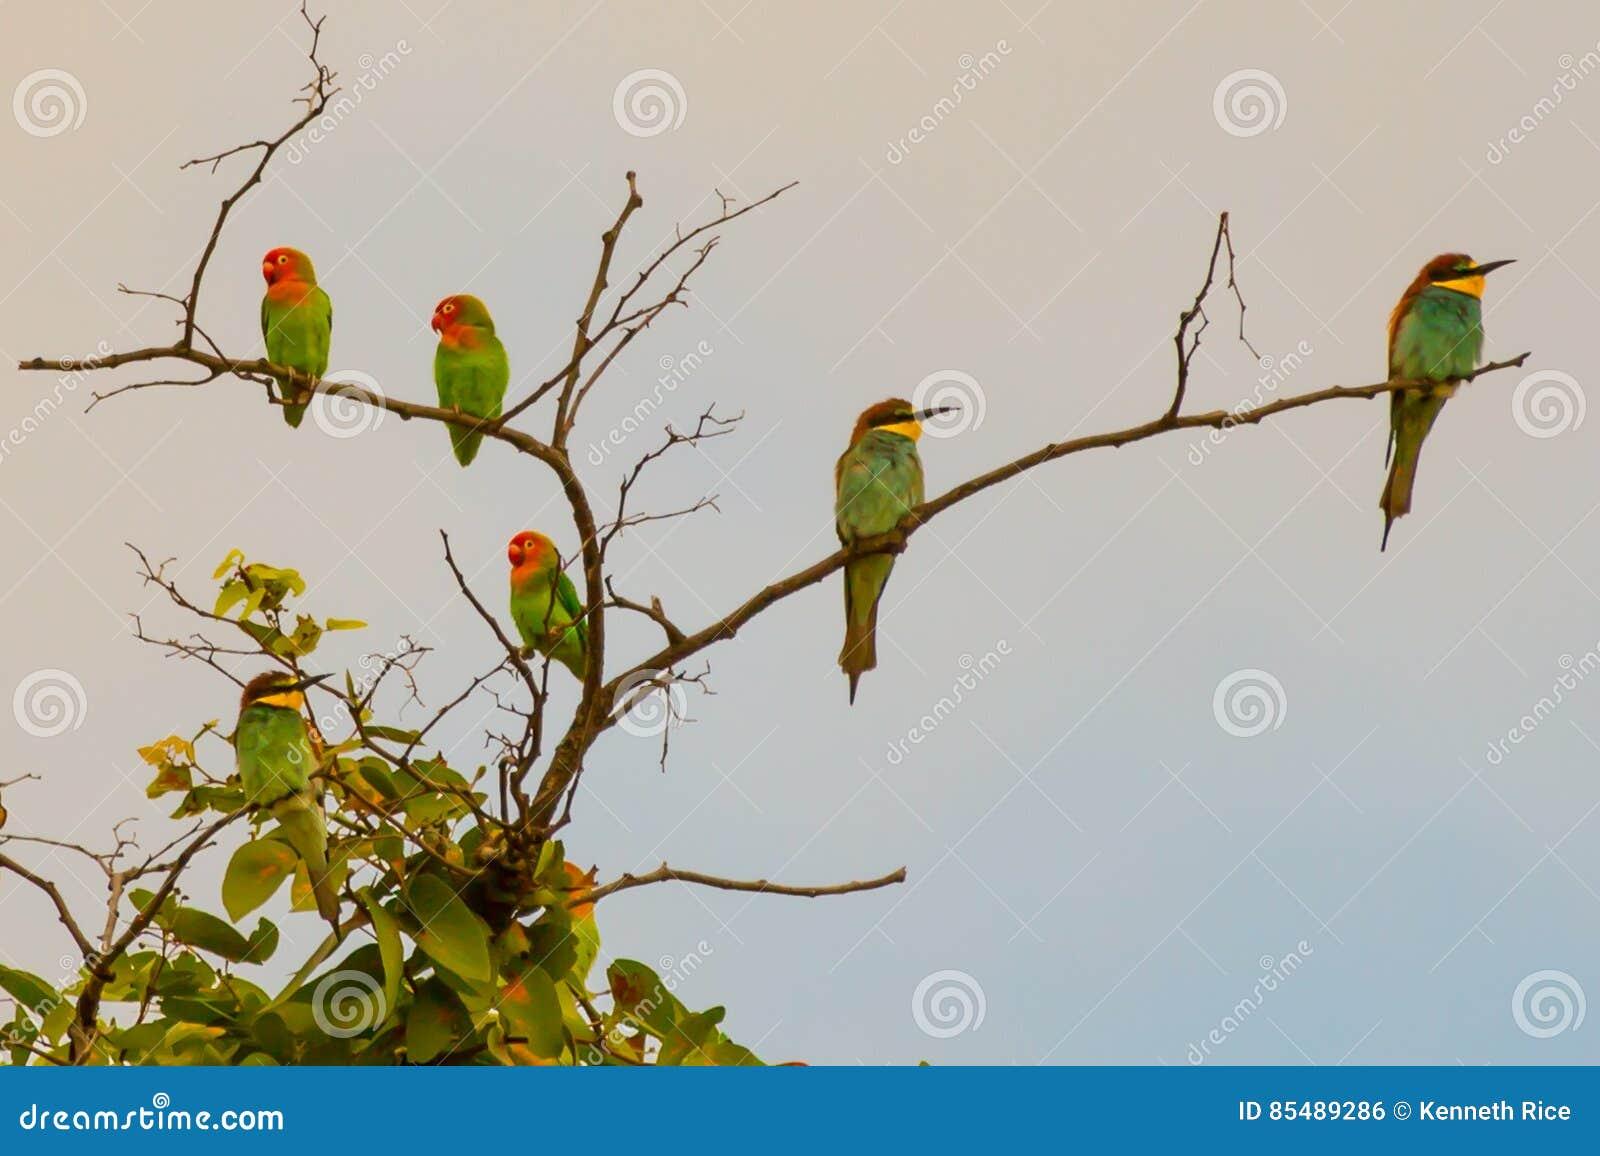 Ptaki piórko